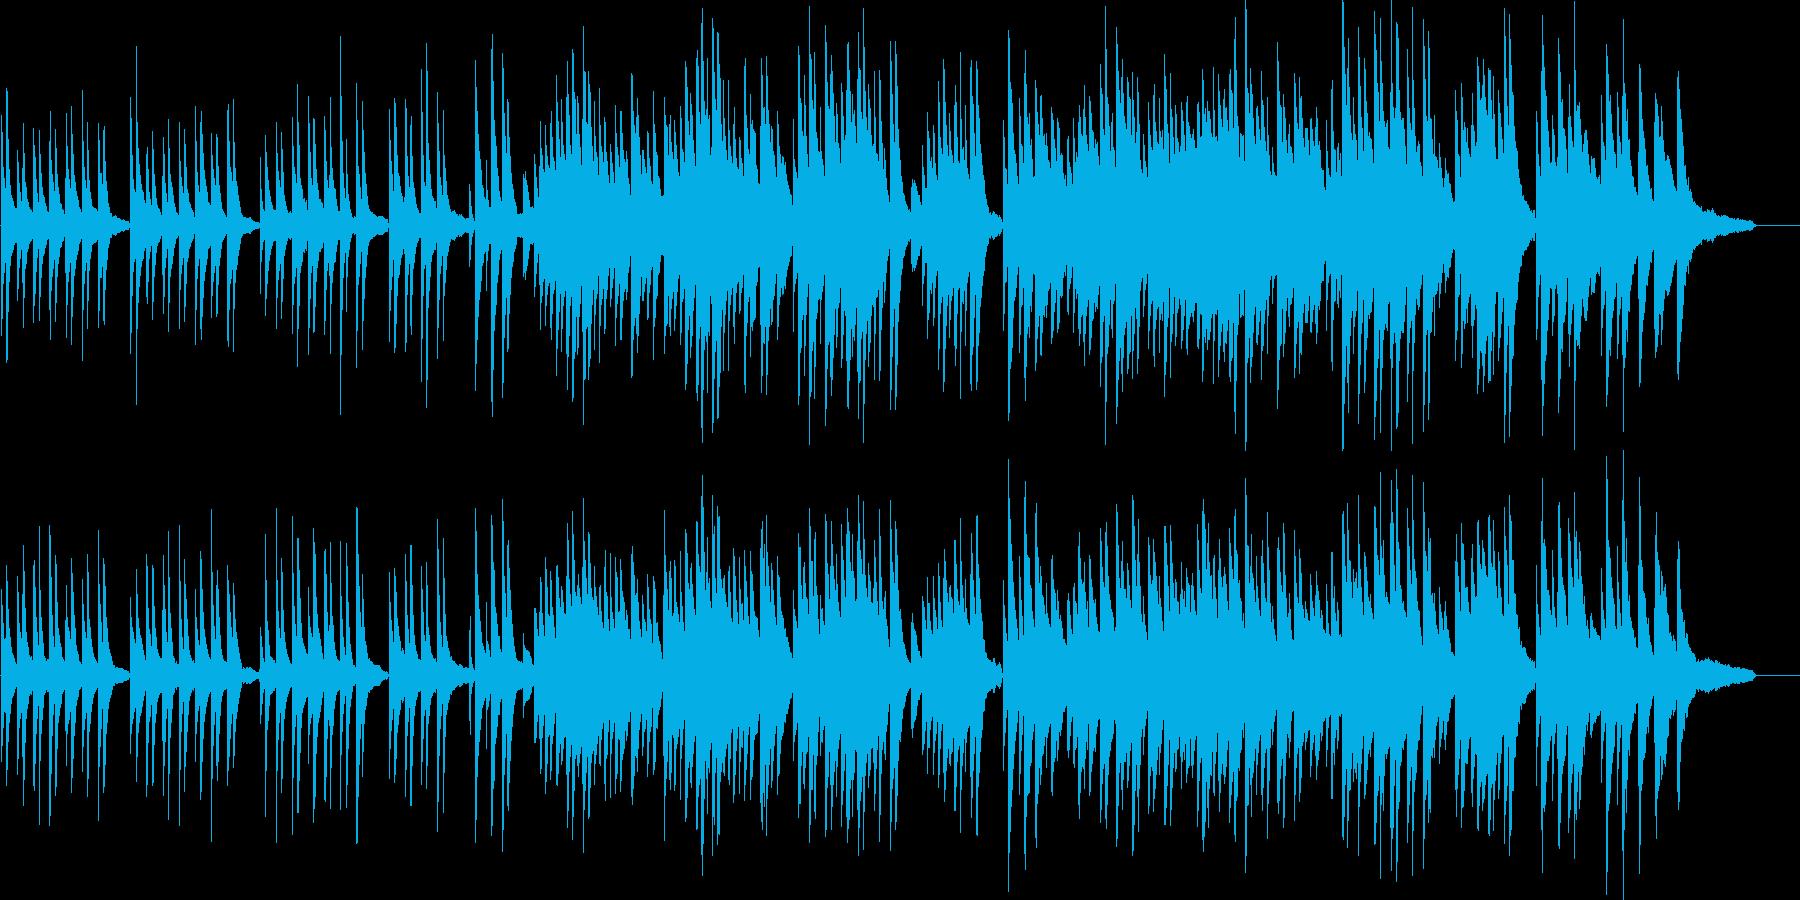 仰げば尊しピアノソロバージョンの再生済みの波形